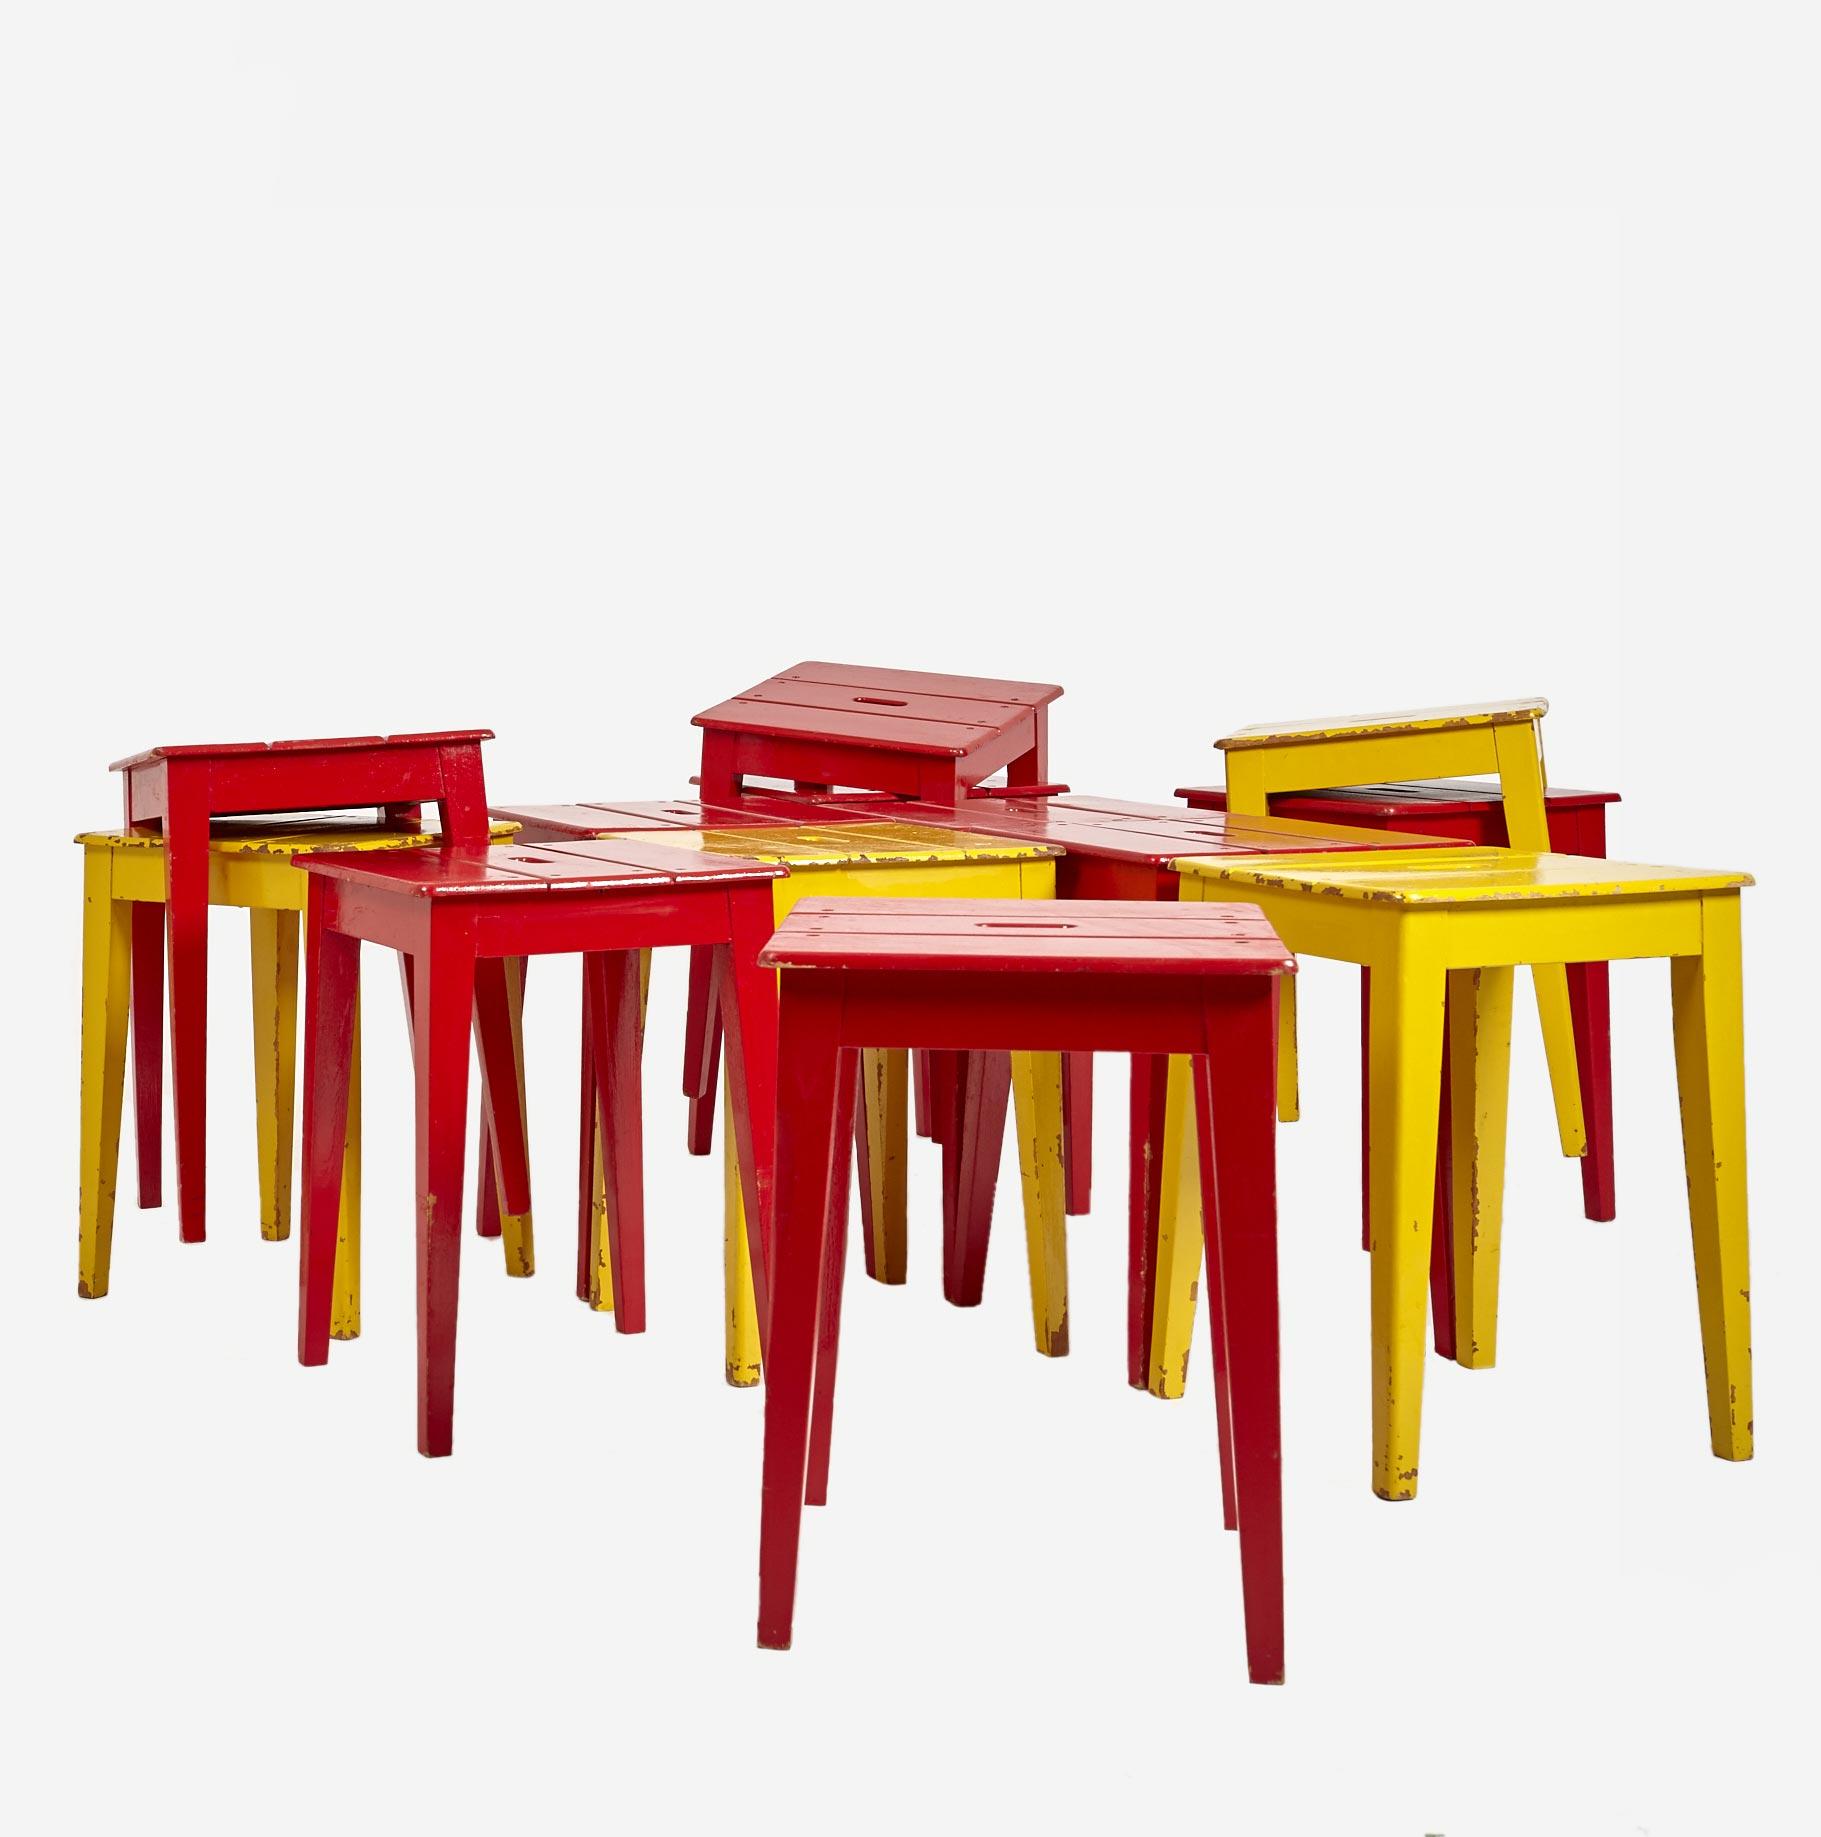 holzschemel bemalt nur noch 1 stk in rot m bel z rich vintagem bel. Black Bedroom Furniture Sets. Home Design Ideas